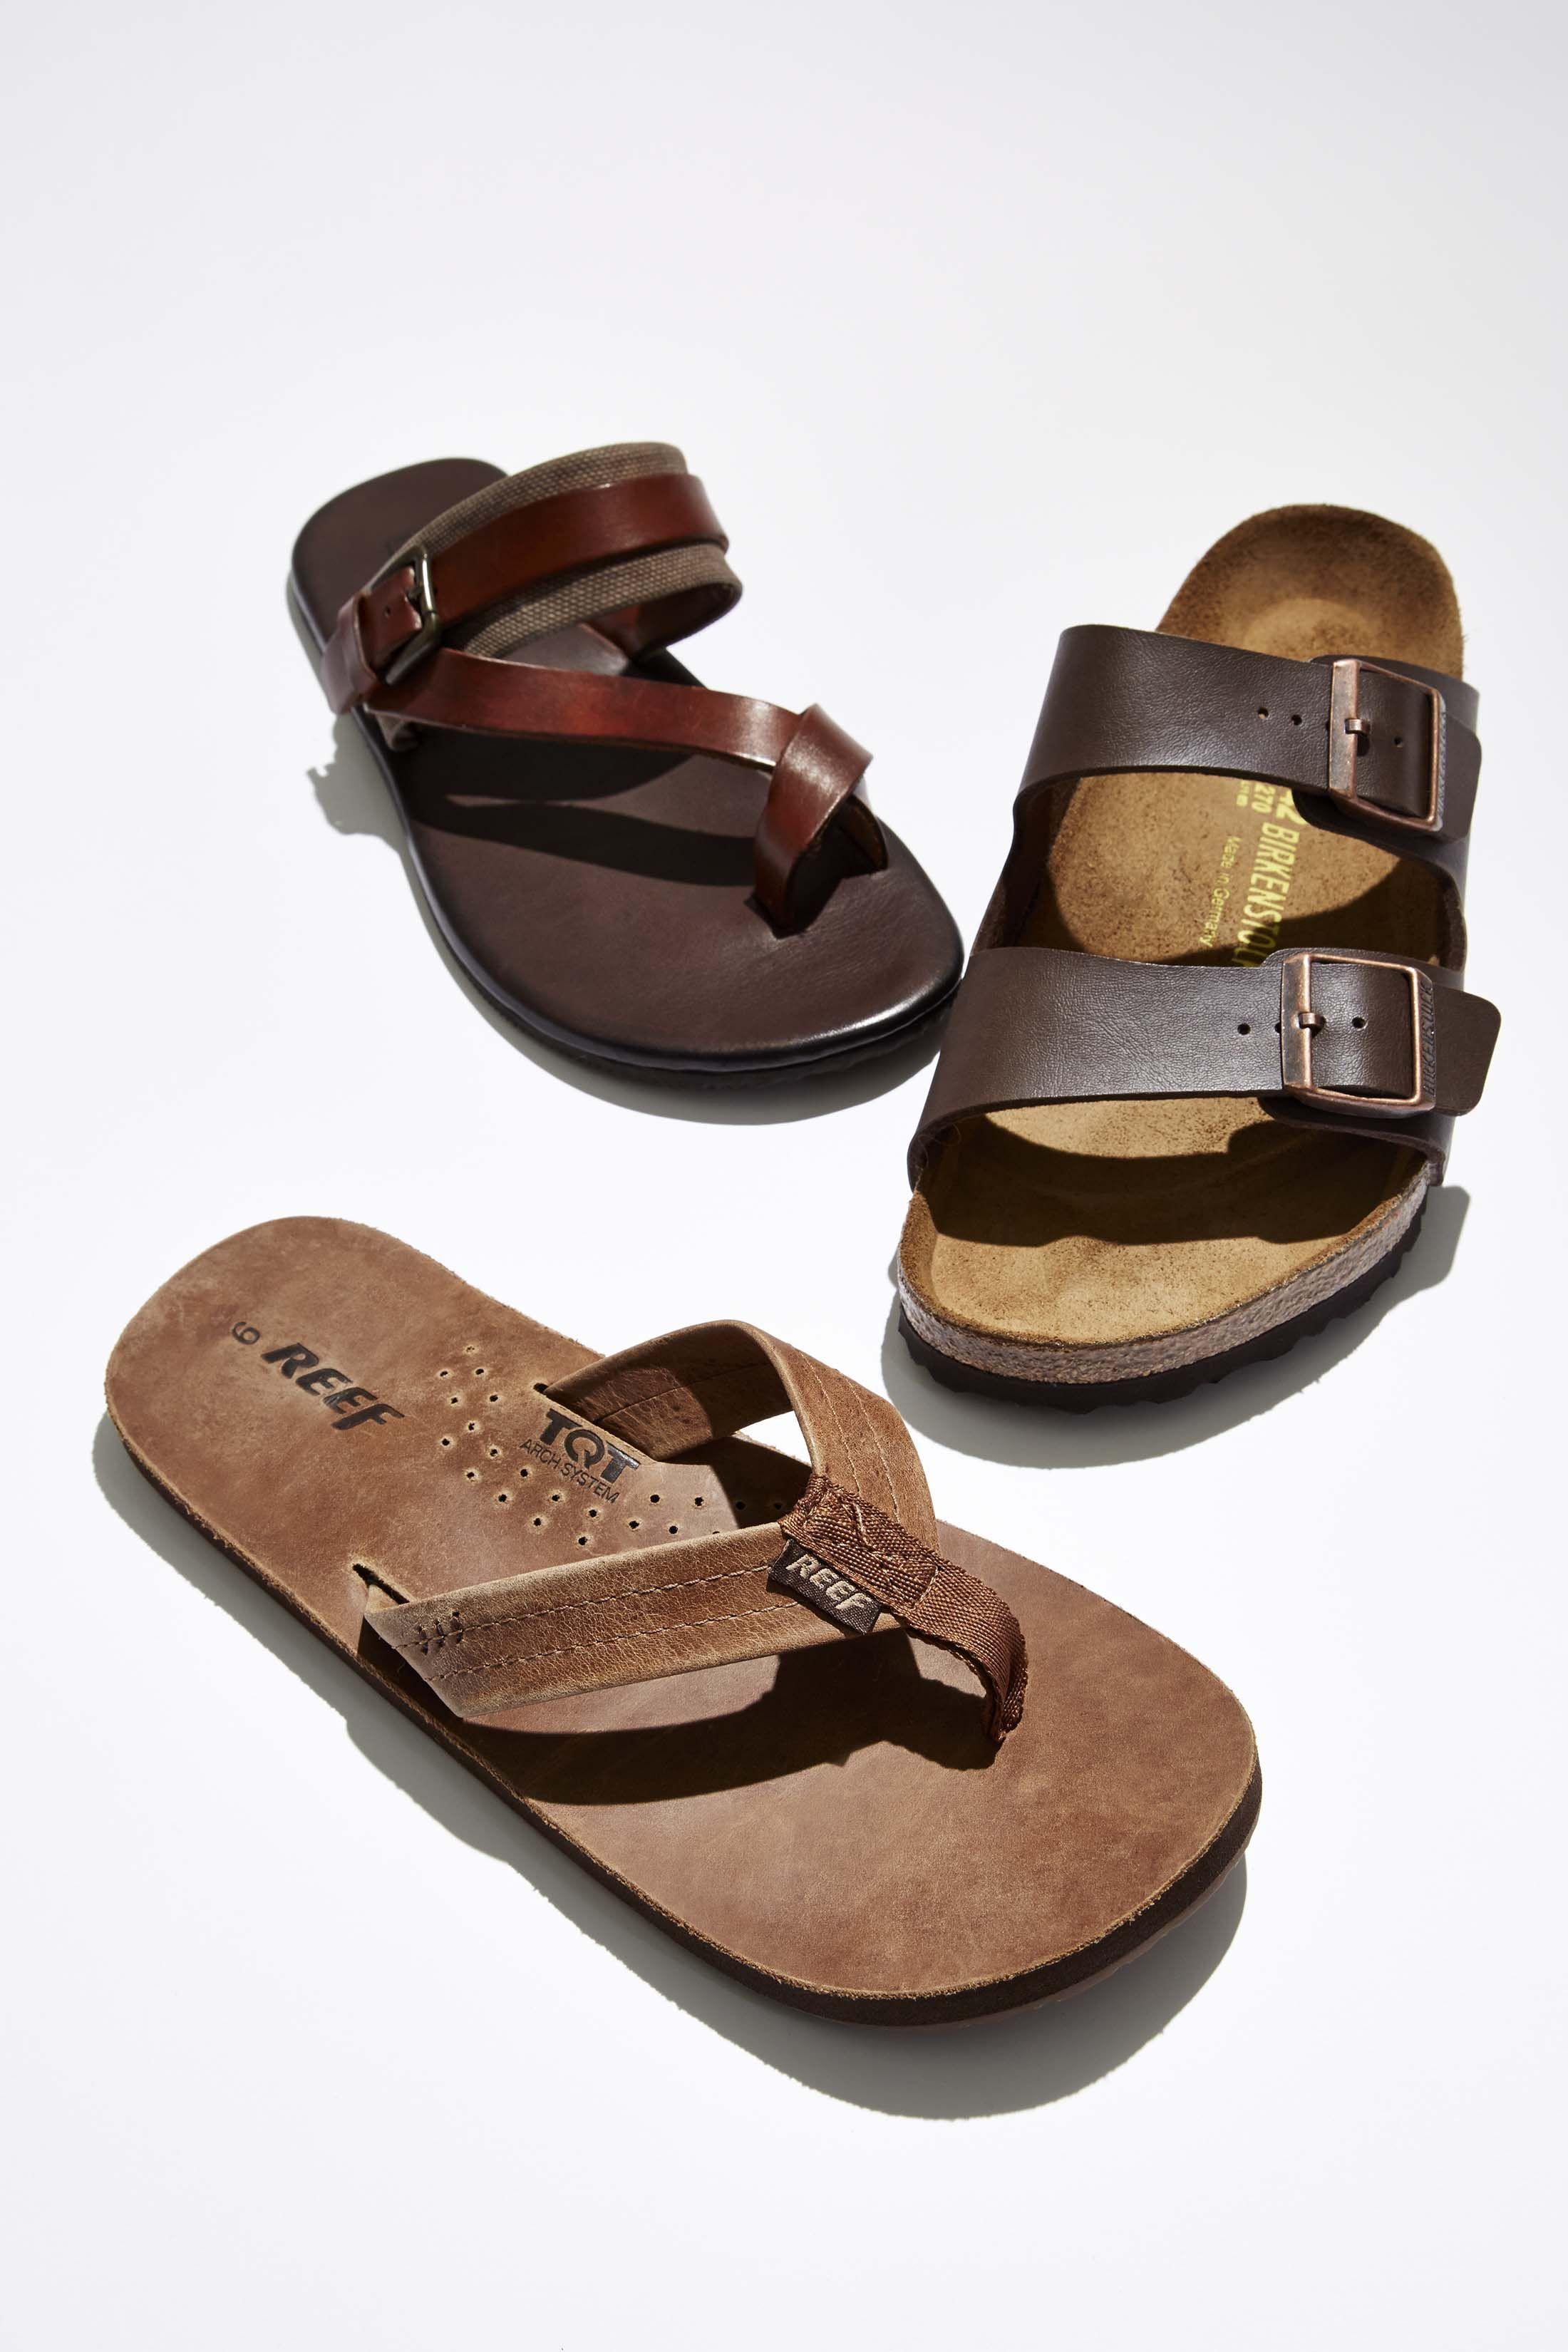 Sandals for Men   DSW   Sandals, Mens